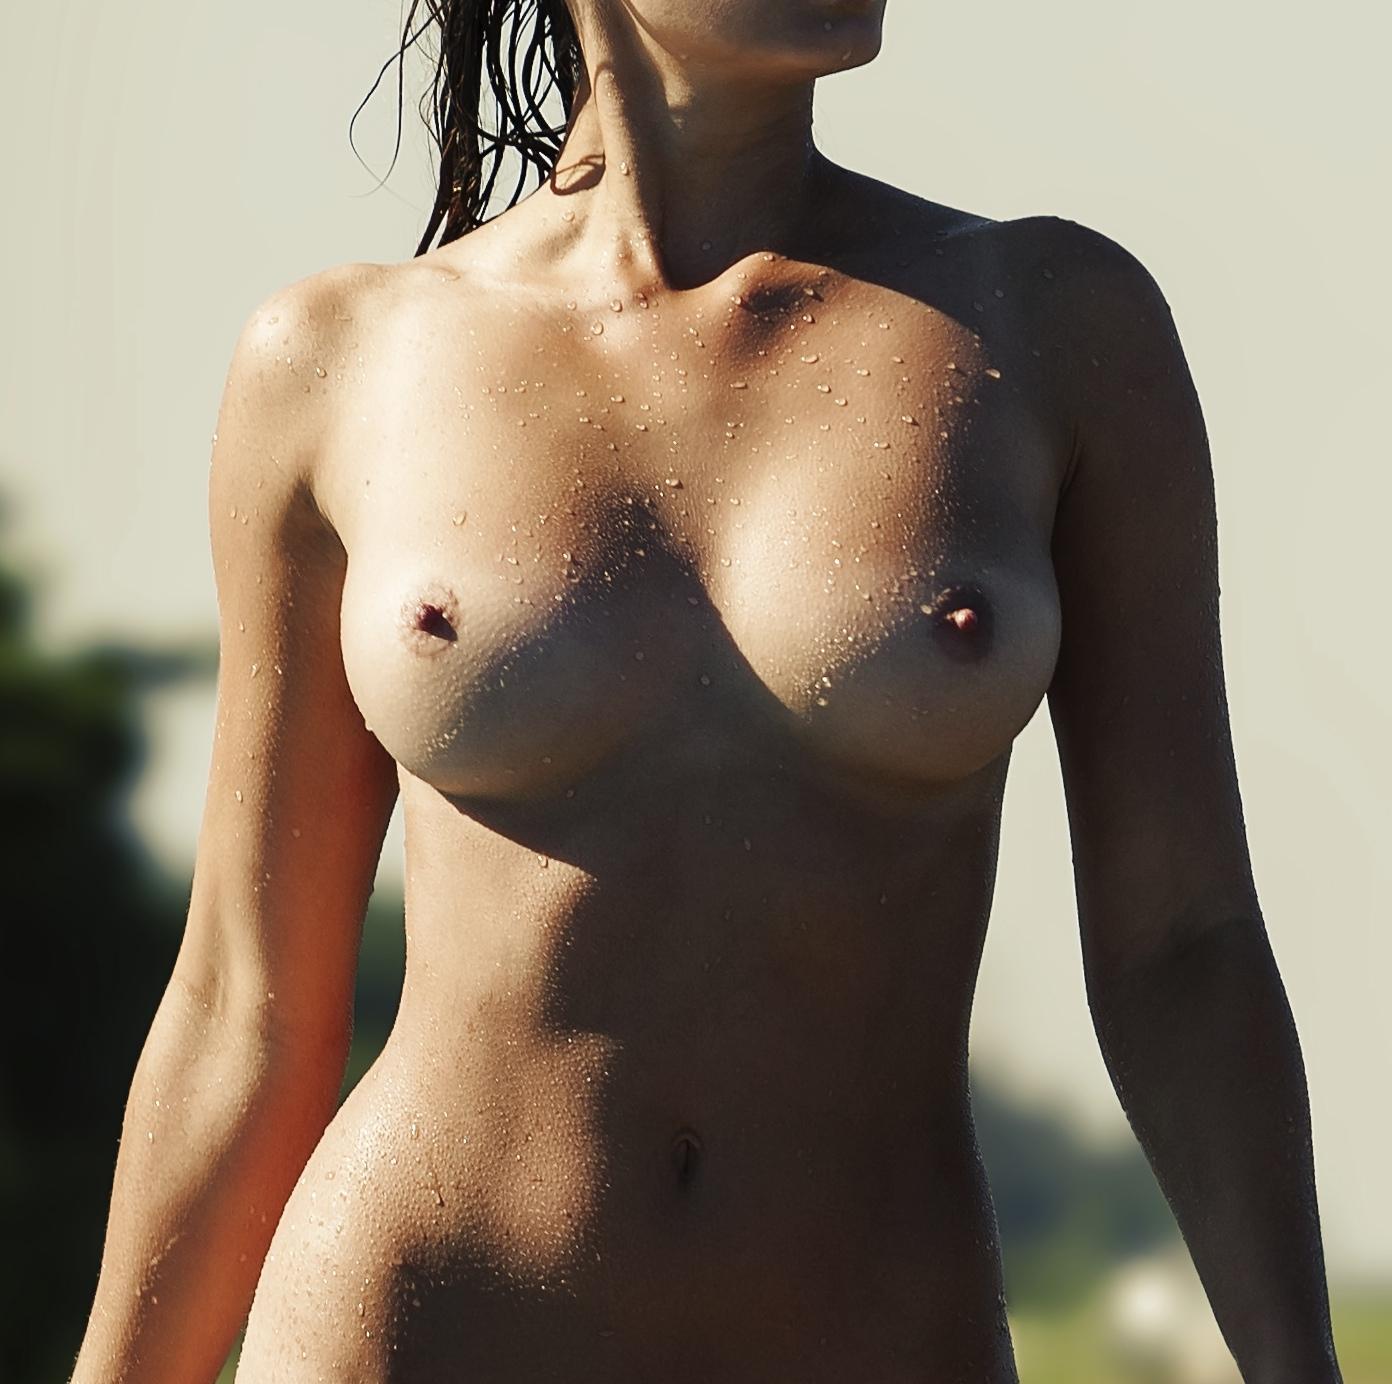 Augmentation mammaire :quand on le souhaite, pour embellir sa poitrine, exprimer sa féminité